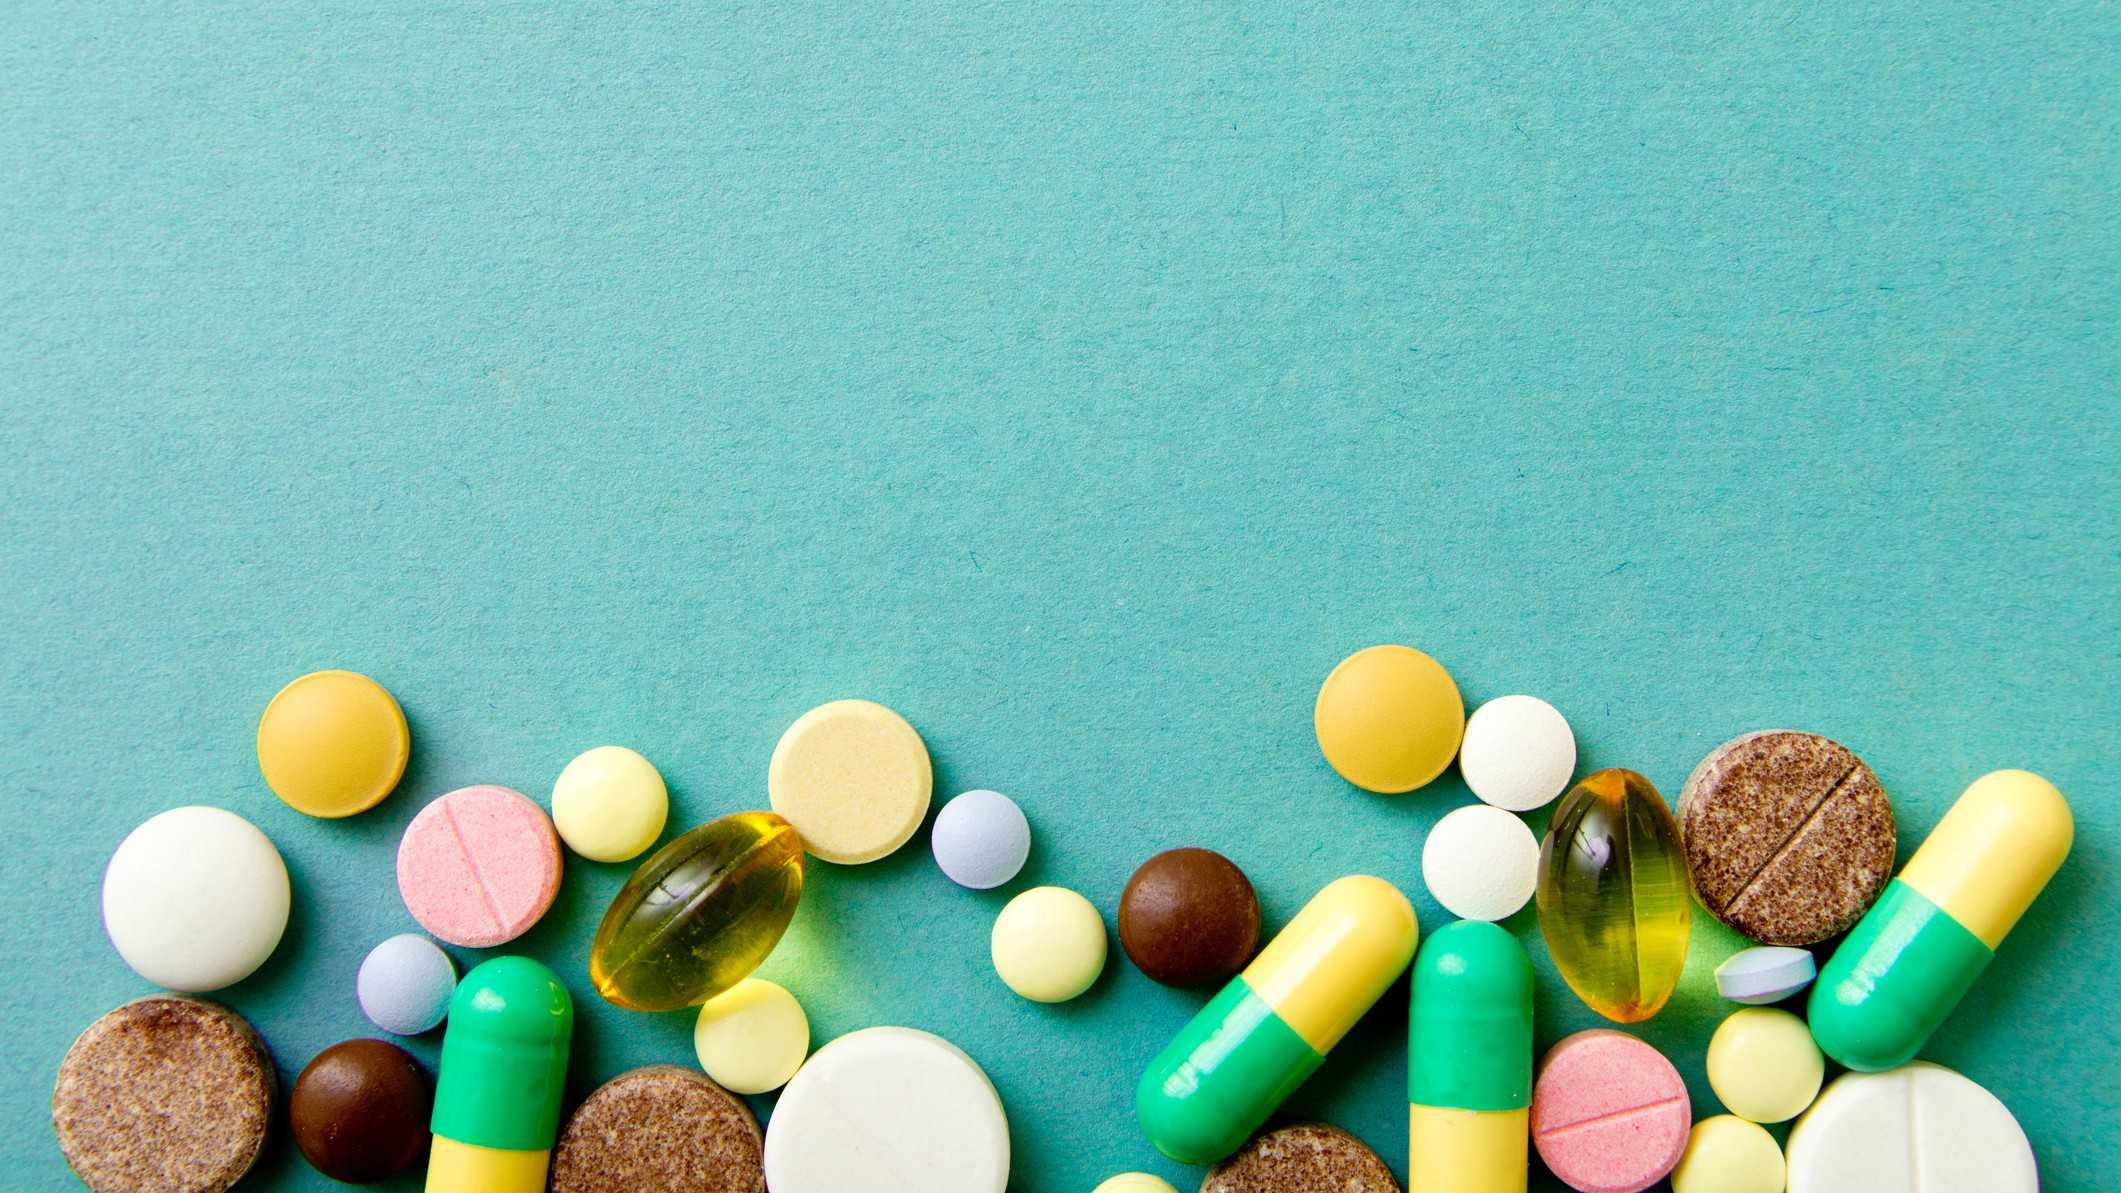 variety of vitamin pills representing Vita Life share price